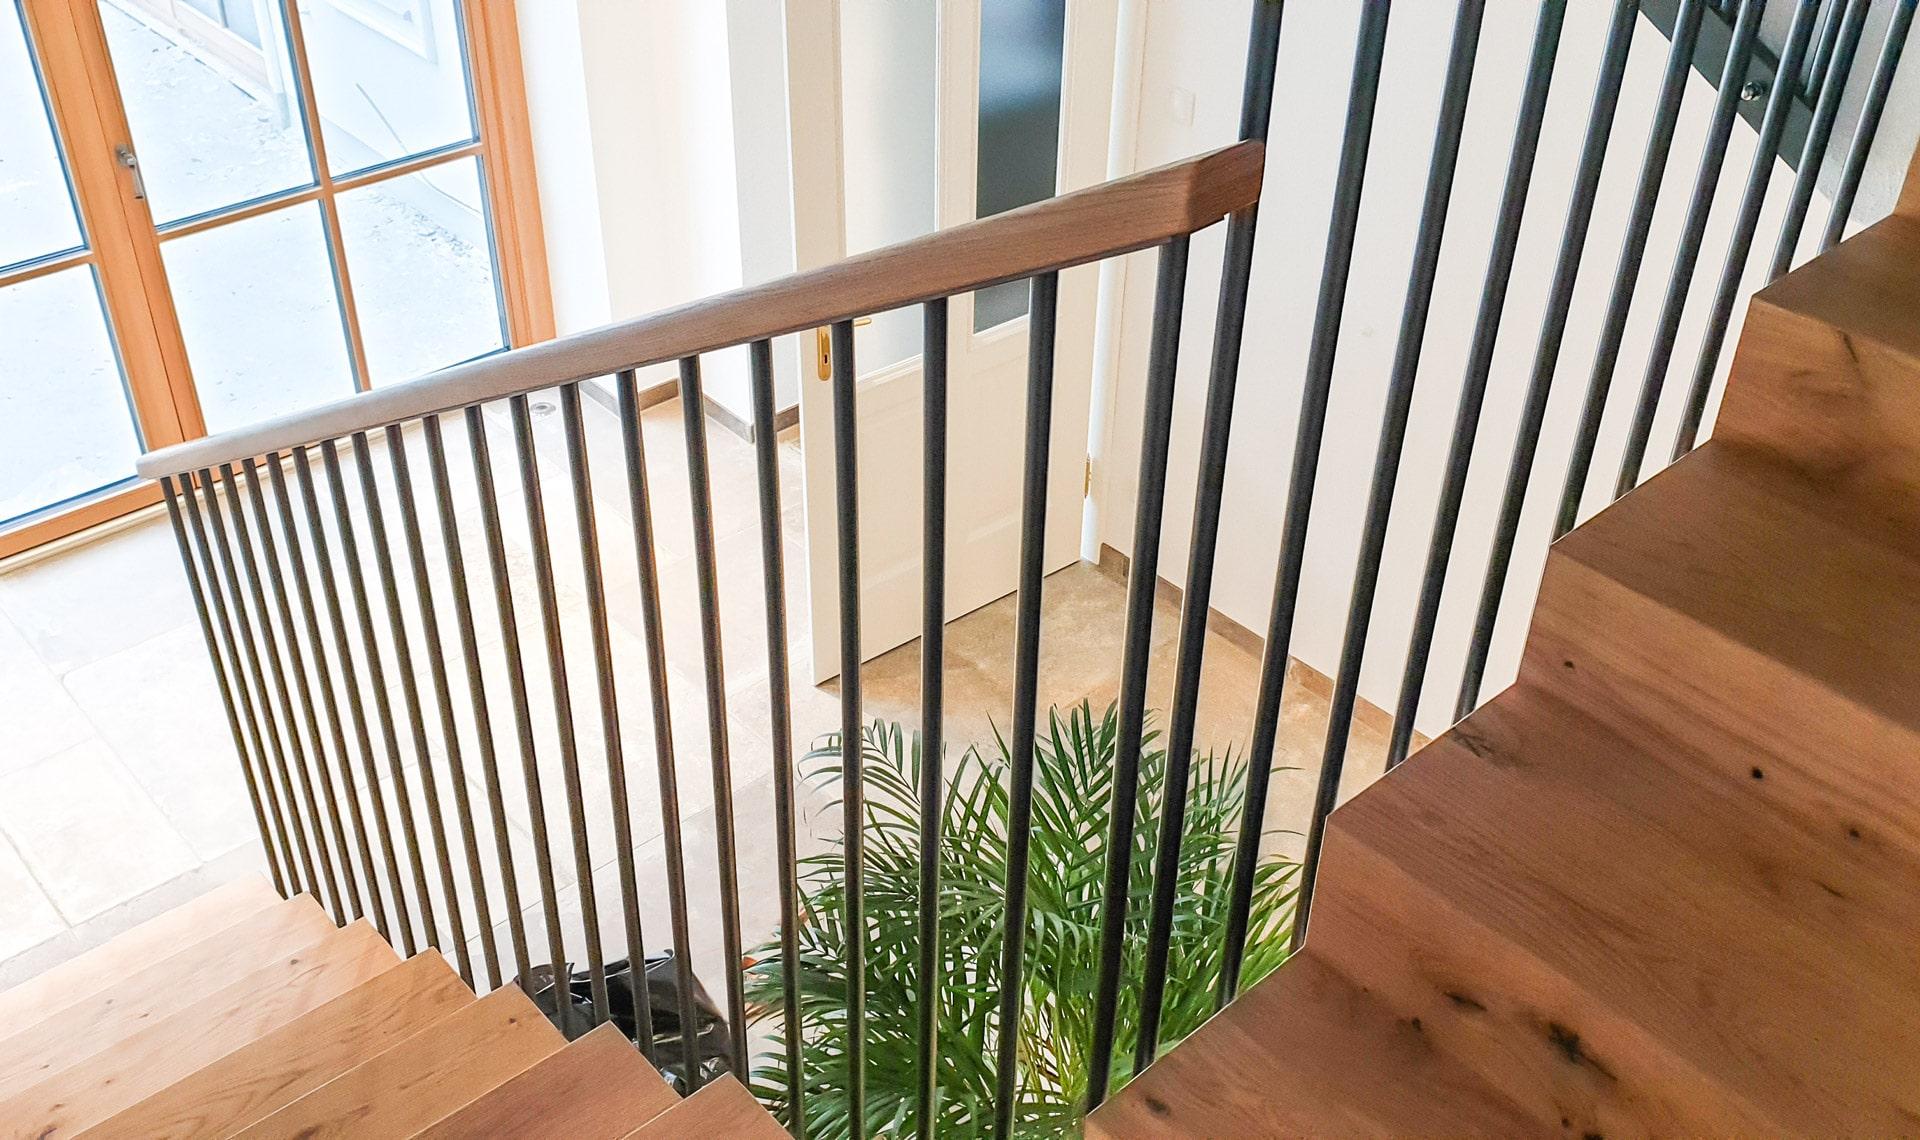 Sonder 01 a | modernes Stiegengeländer Innen, schwarze runde Stäbe, eckiger Holzhandlauf | Svoboda